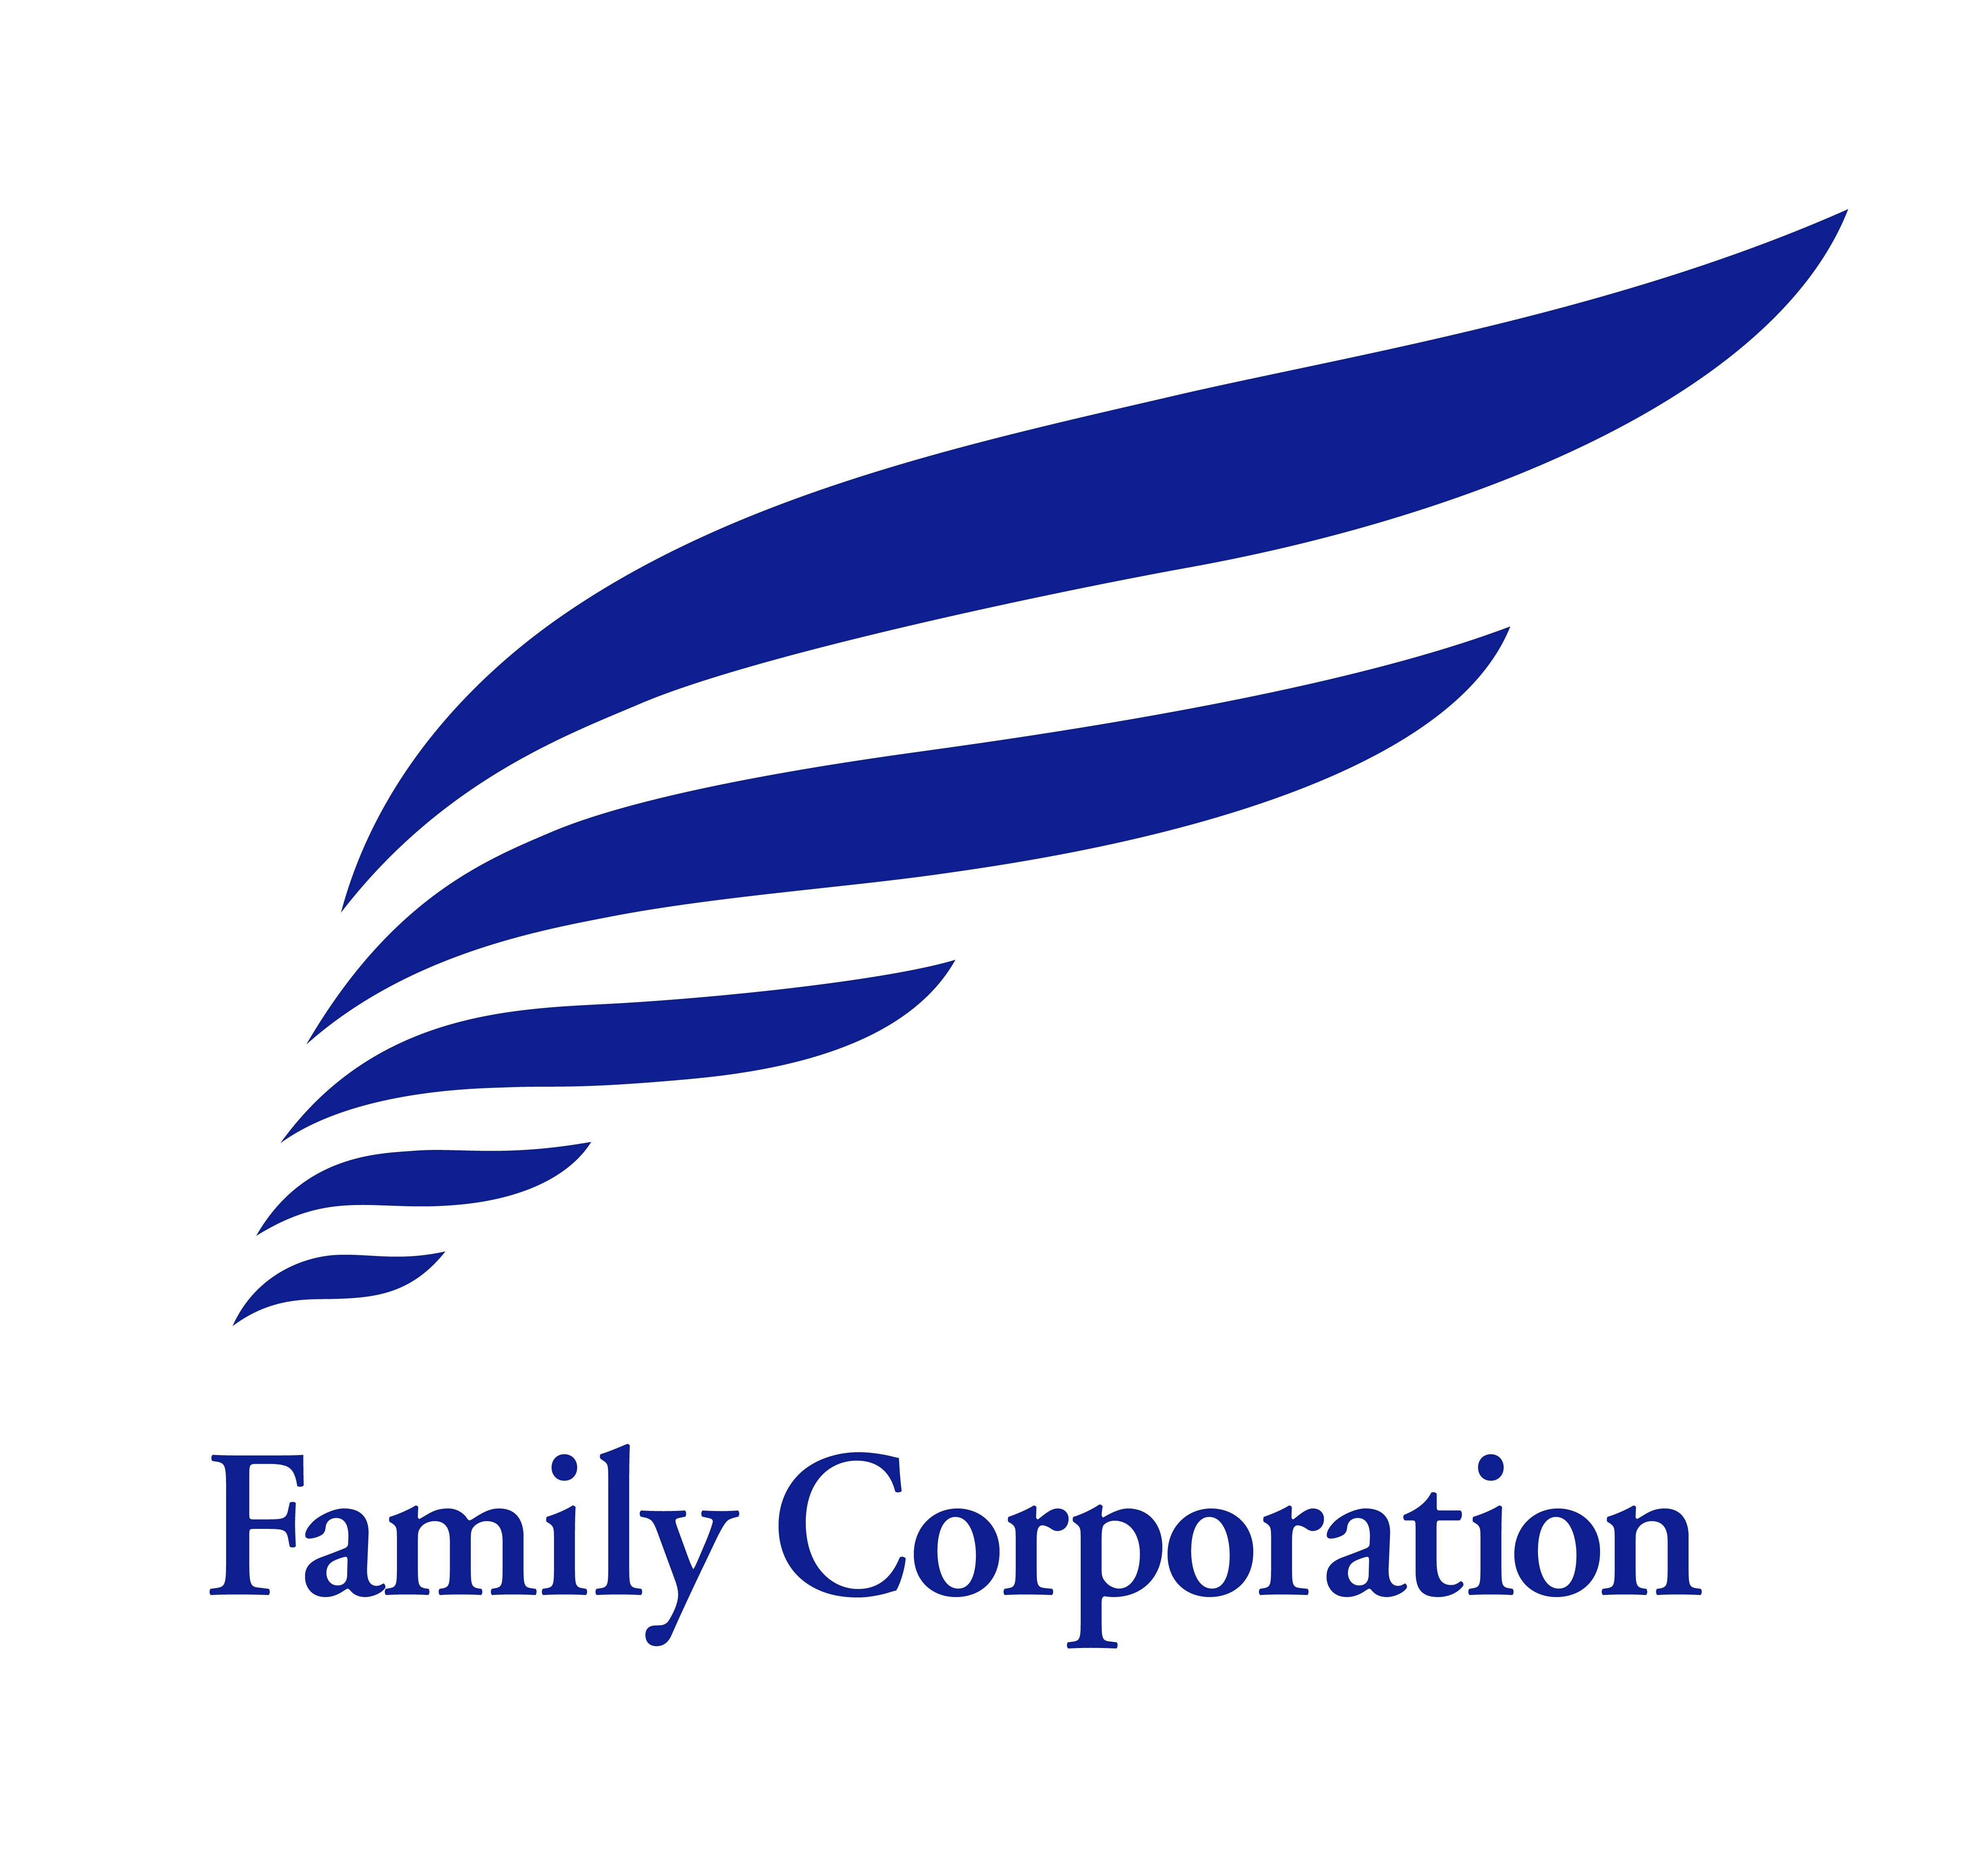 株式会社ファミリーコーポレーションロゴ